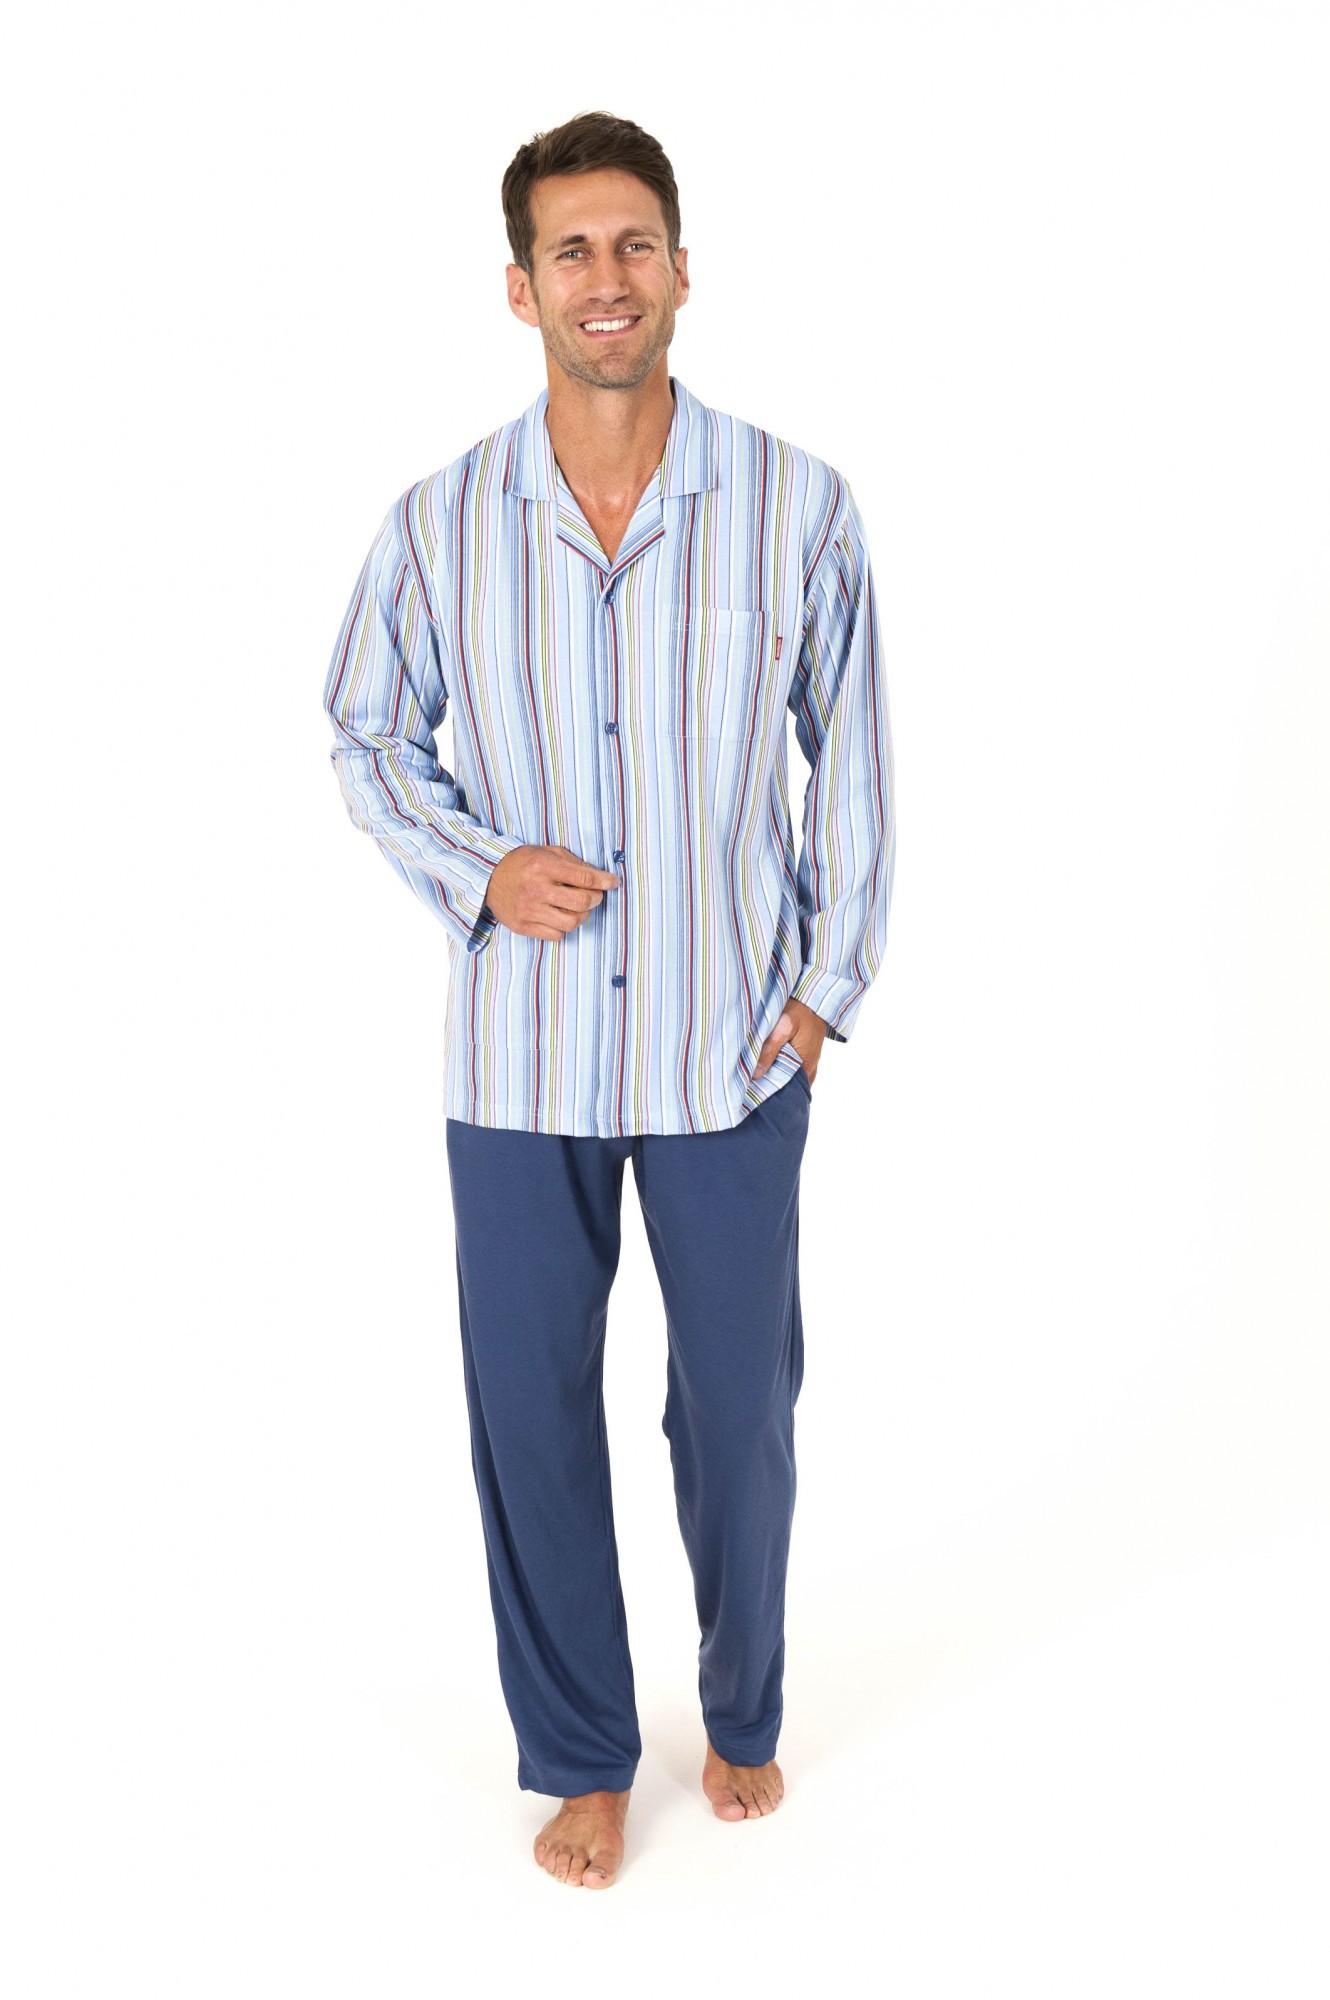 Herren Pyjama langarm durchknöpfbar gestreift 59237 001